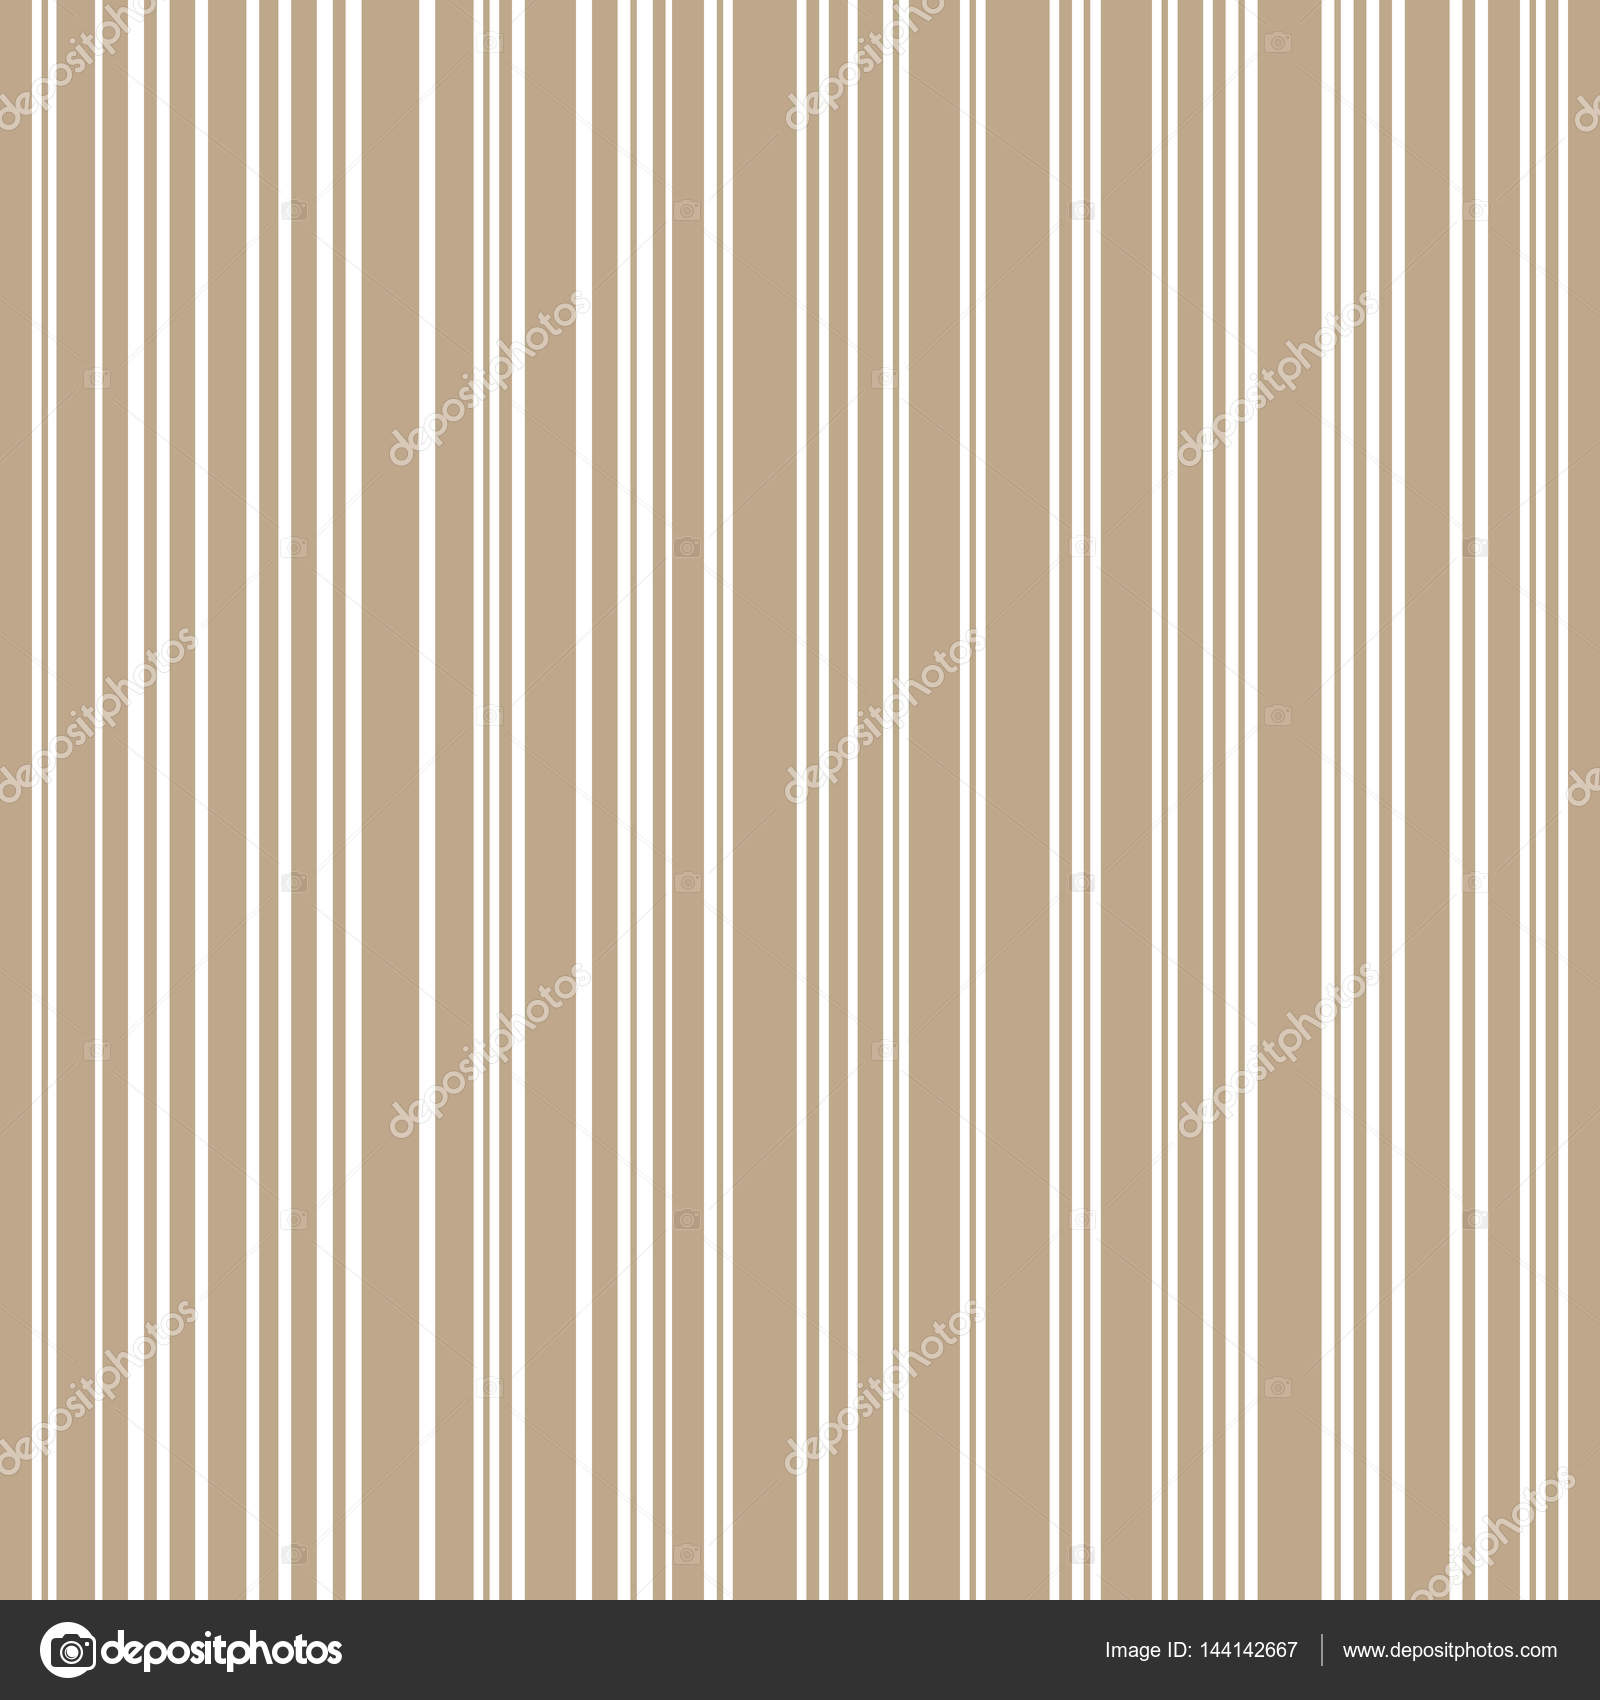 b97133247d Kávé vonalak háttér, barna-fehér csíkos absztrakt vektor zökkenőmentes  minta– stock illusztrációk